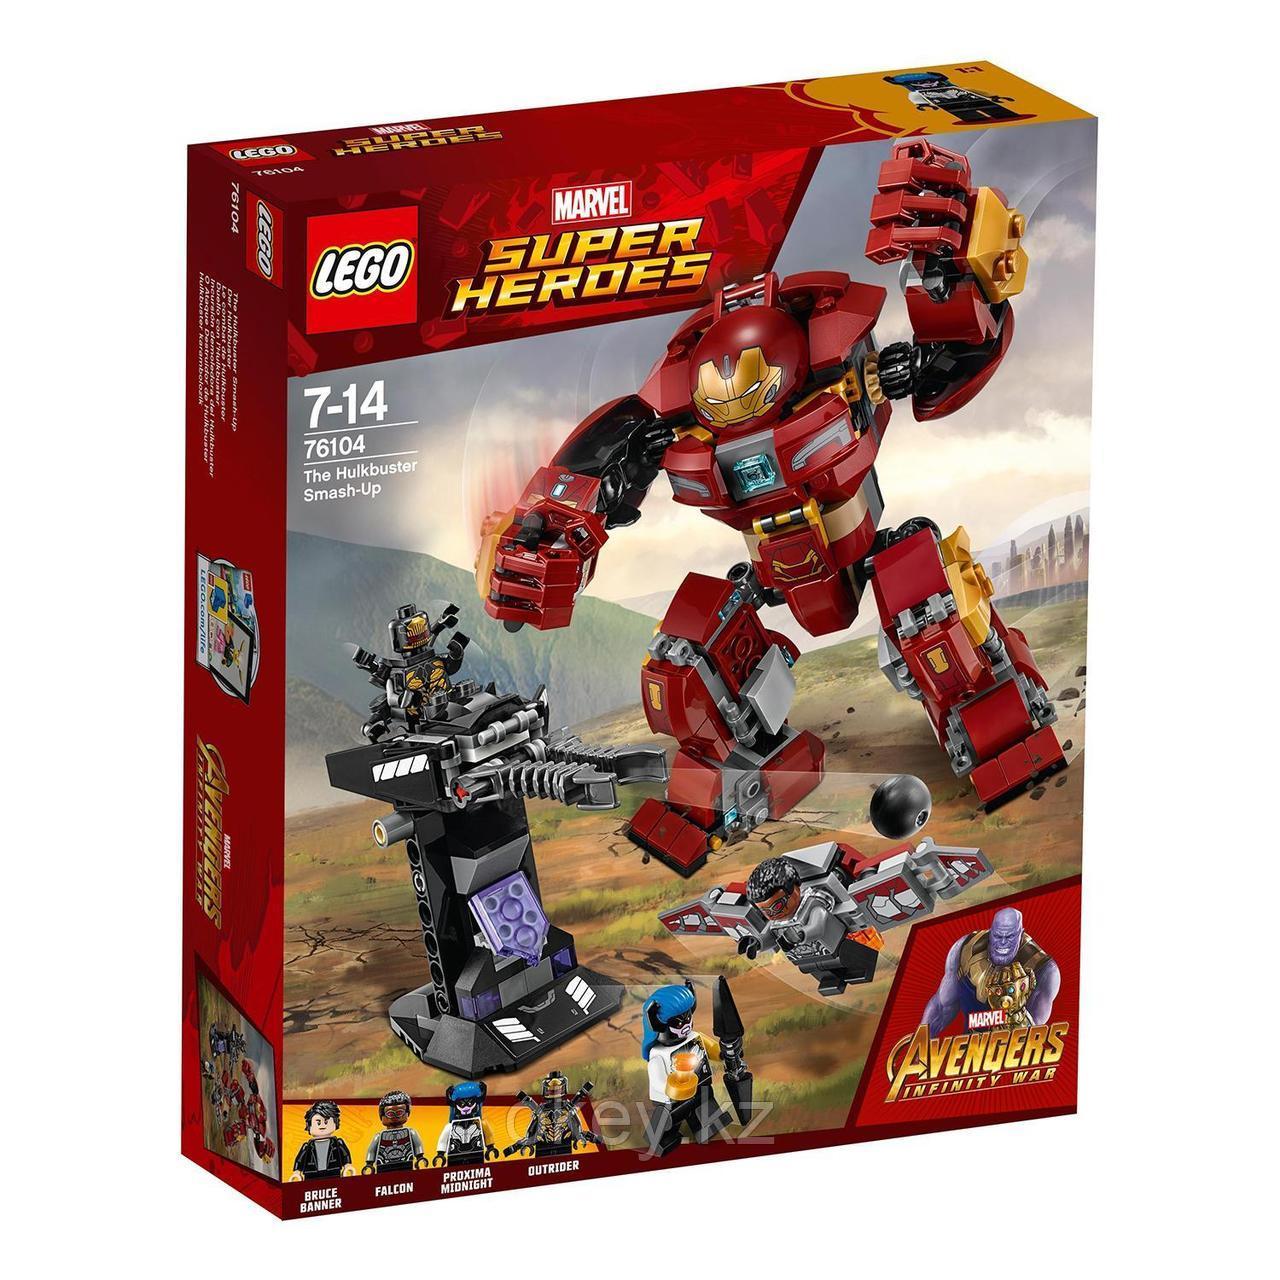 LEGO Super Heroes: Бой Халкбастера 76104